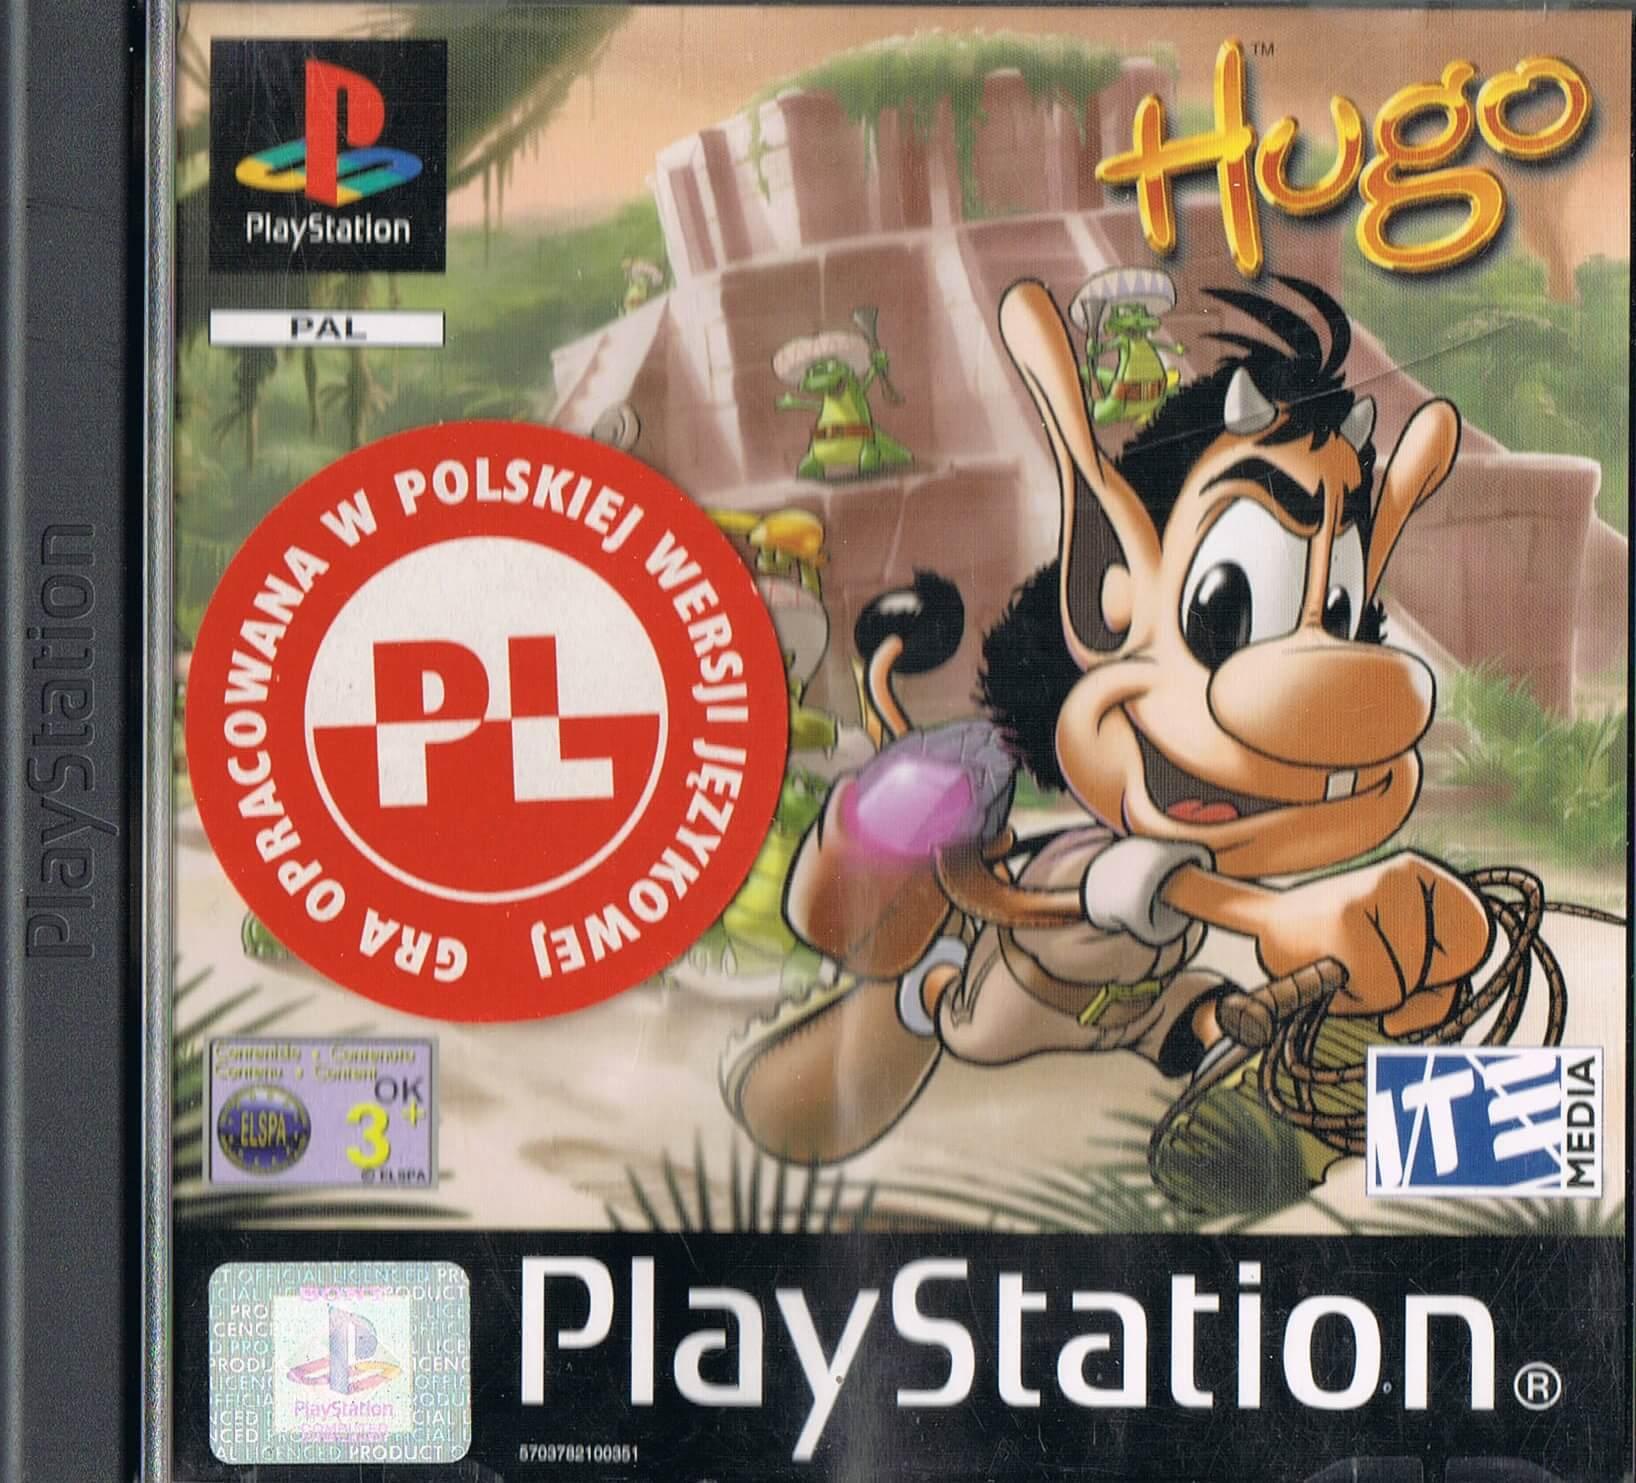 Hugo z polskiej dystrybucji